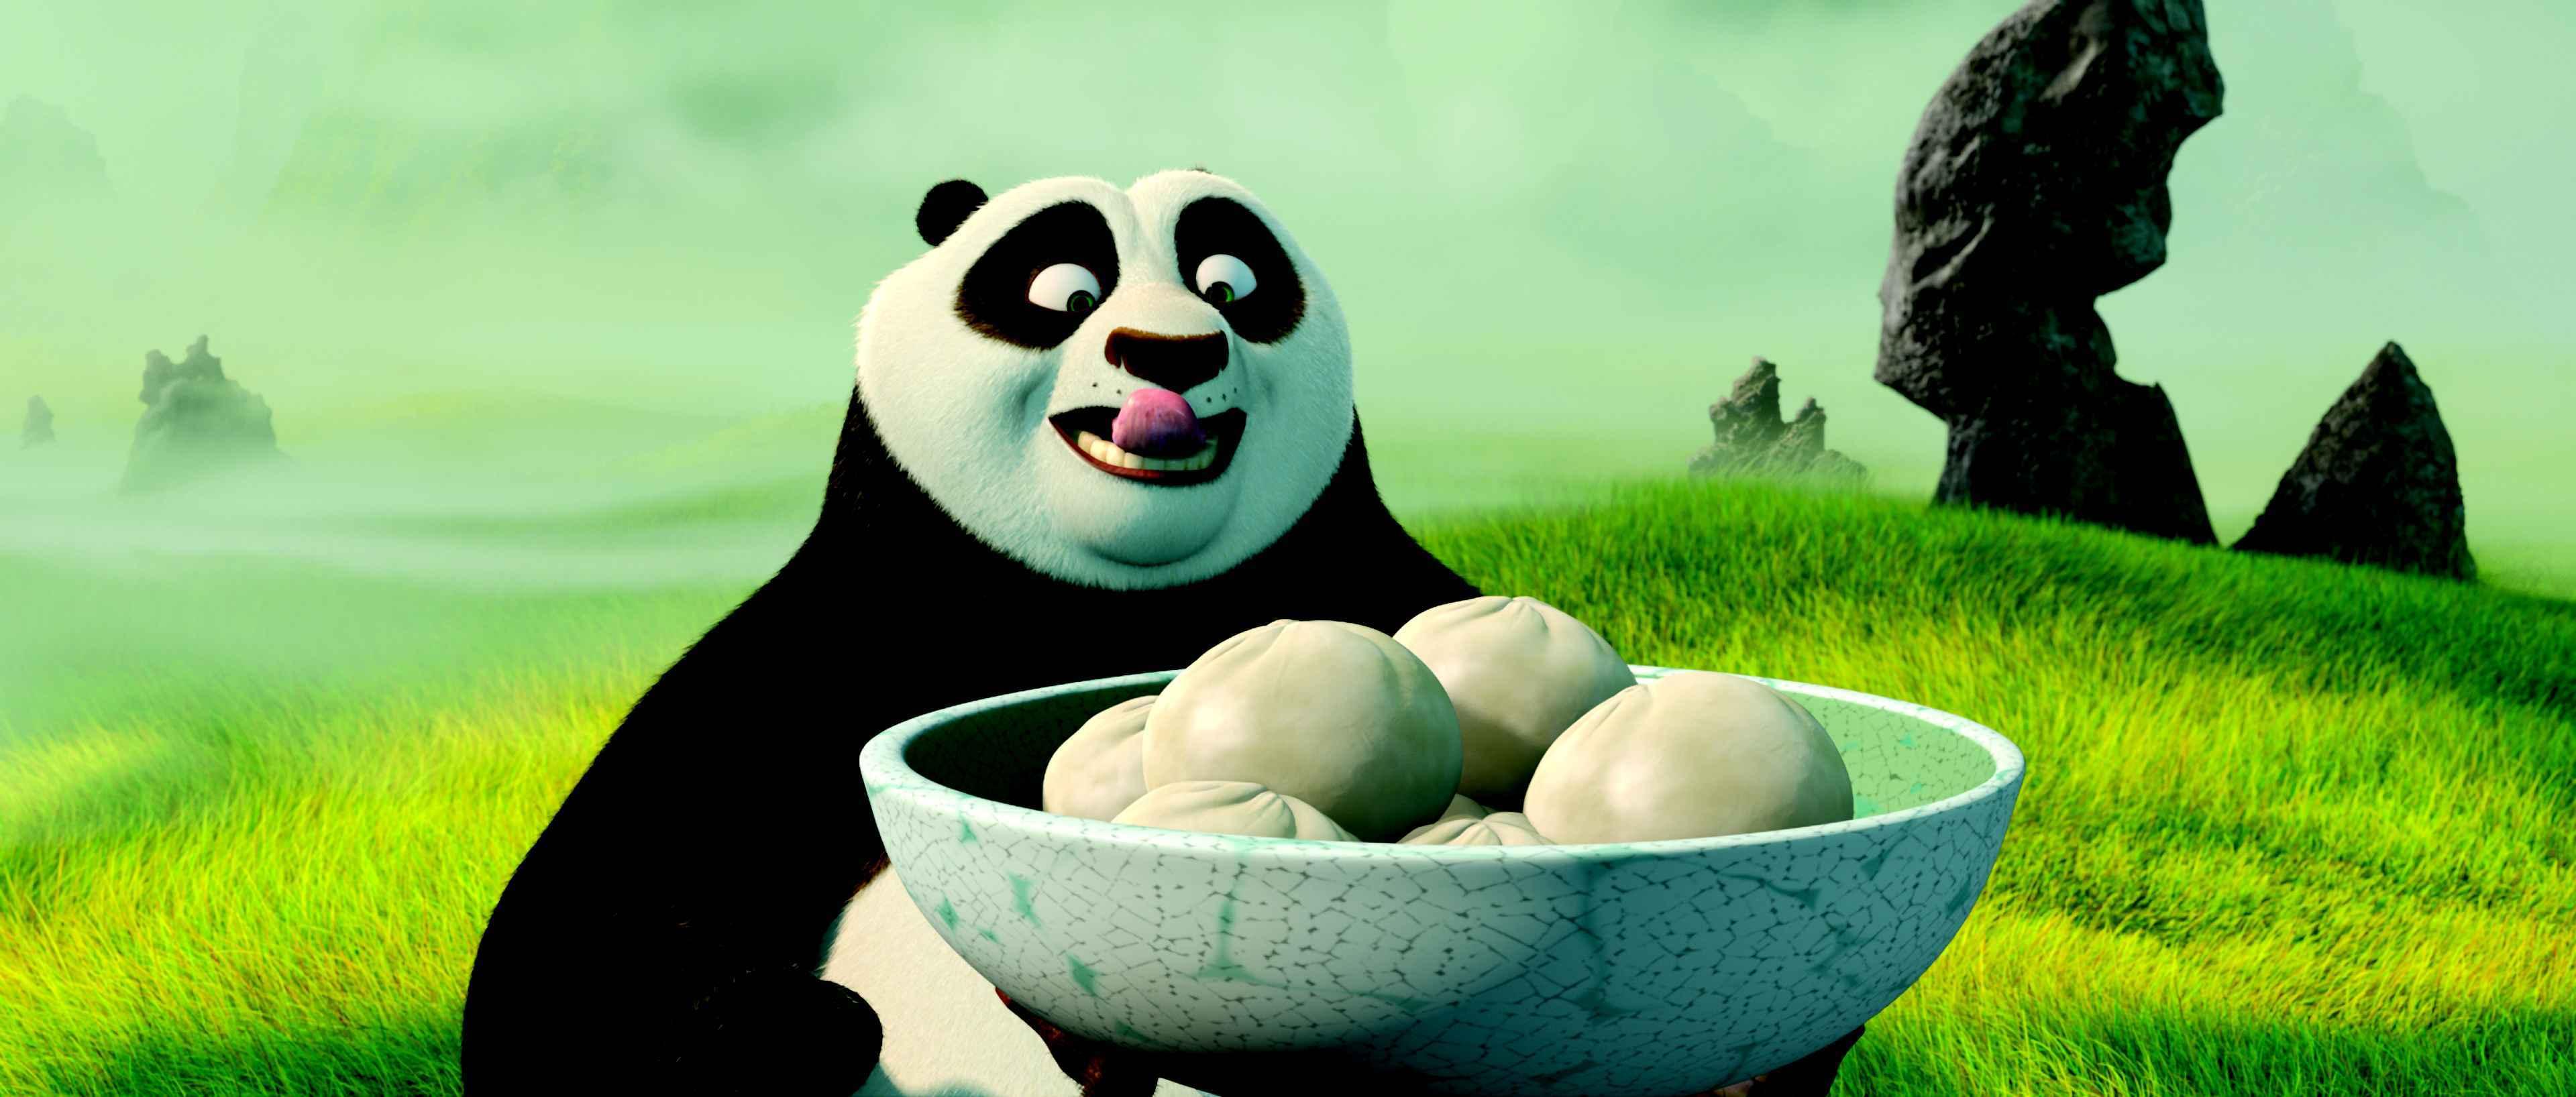 功夫熊猫图片大全高清图片